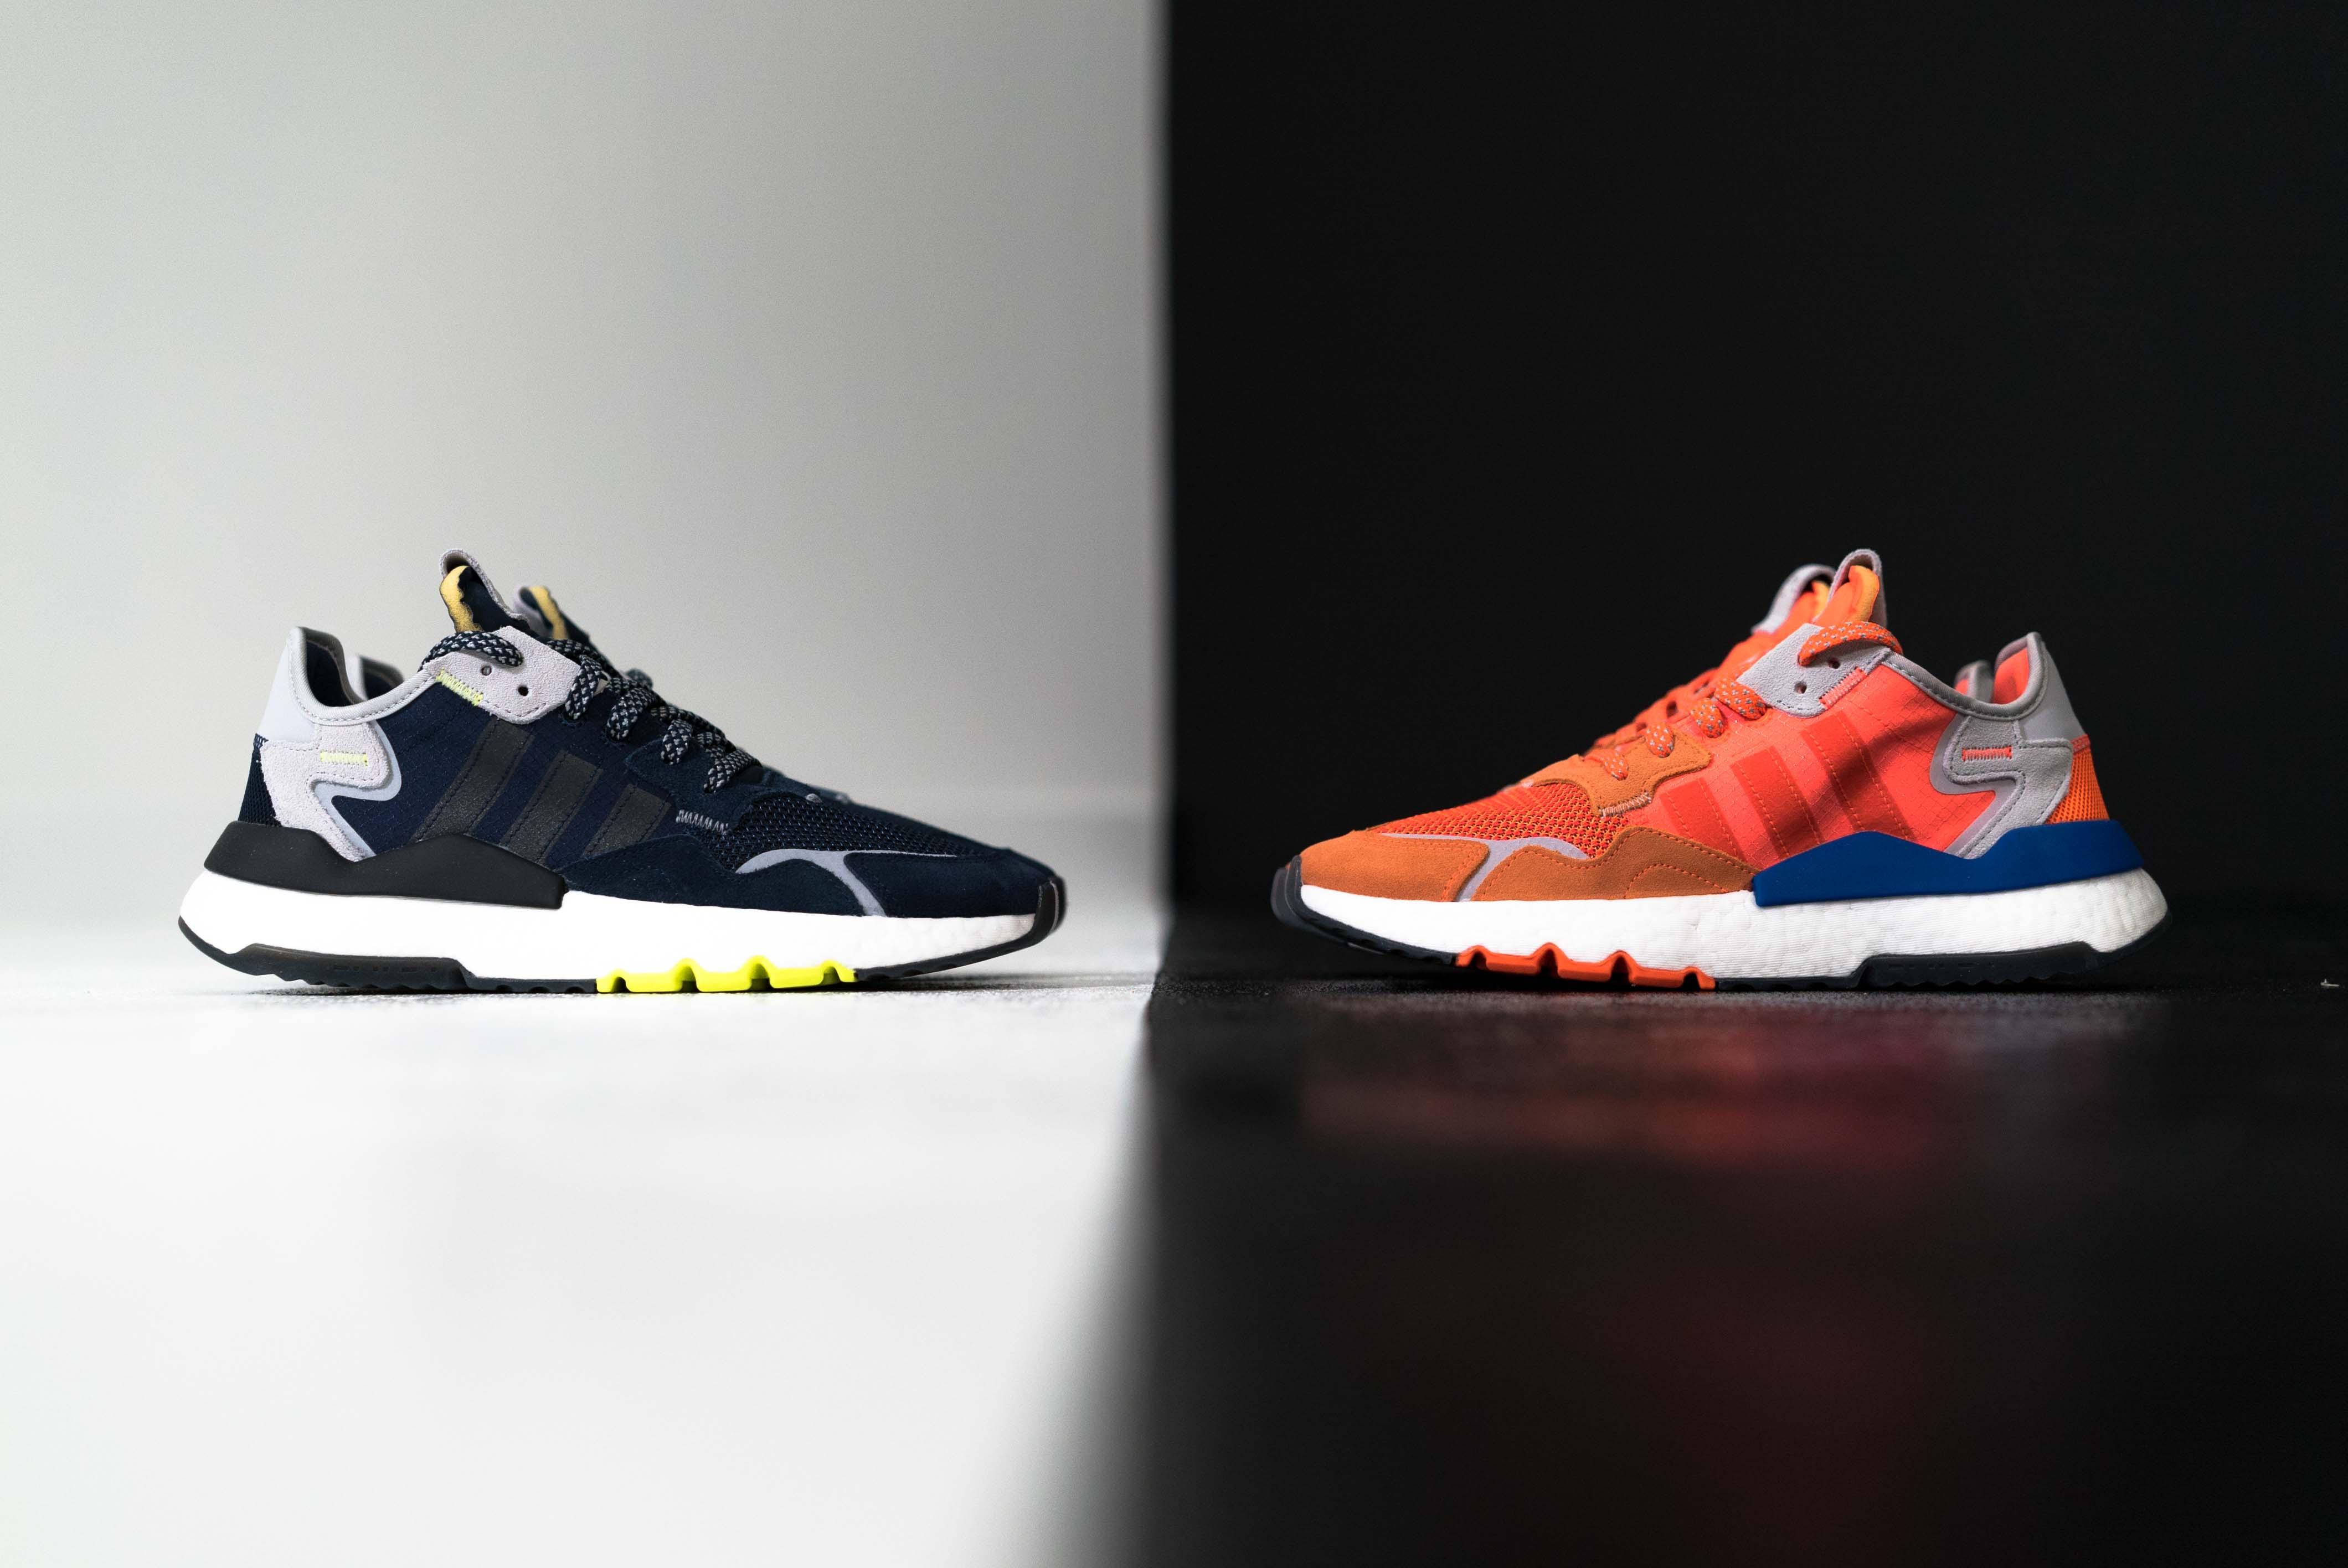 adidas spezial jd, OFF 72%,Buy!